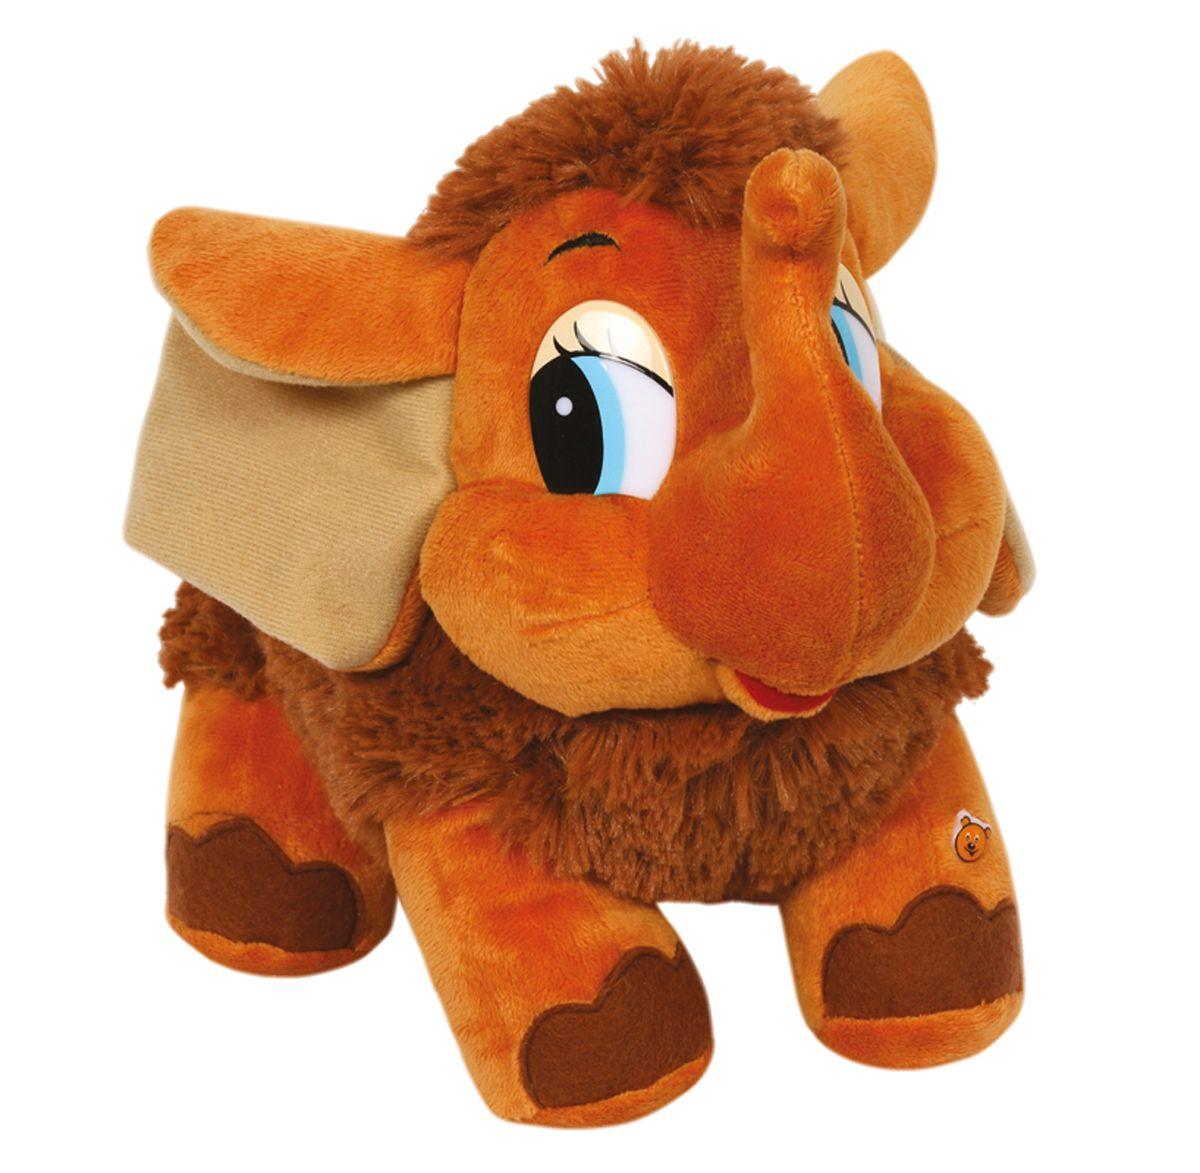 Мульти-Пульти Мягкая игрушка Мамонтенок озвученная 25 смV85111/25S28Мягкая игрушка сама по себе ассоциируется с радостью и весельем, конечно, и для наших детей такой подарок станет поистине незабываемым. Забавные, добрые мягкие игрушки радуют детей с самого рождения. Ведь уже в первые месяцы жизни ребенок проявляет интерес к плюшевым зверятам и необычным персонажам. Сначала они помогают ему познавать окружающий мир через тактильные ощущения, знакомят его с животным миром нашей планеты, формируют цветовосприятие и способствуют концентрации внимания.